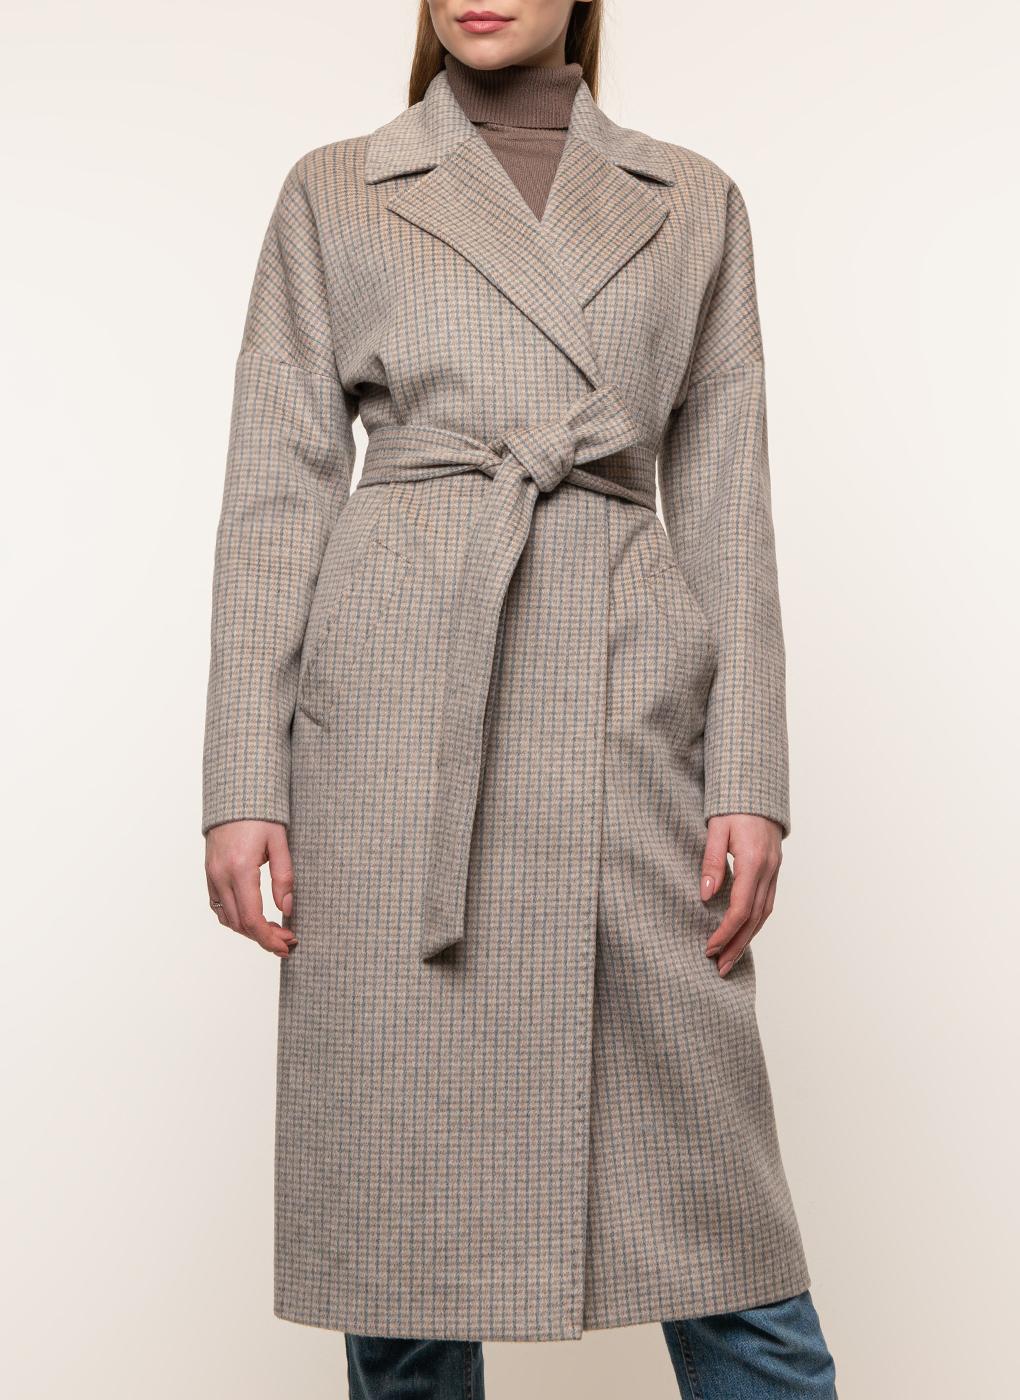 Пальто полушерстяное 32, Синар фото